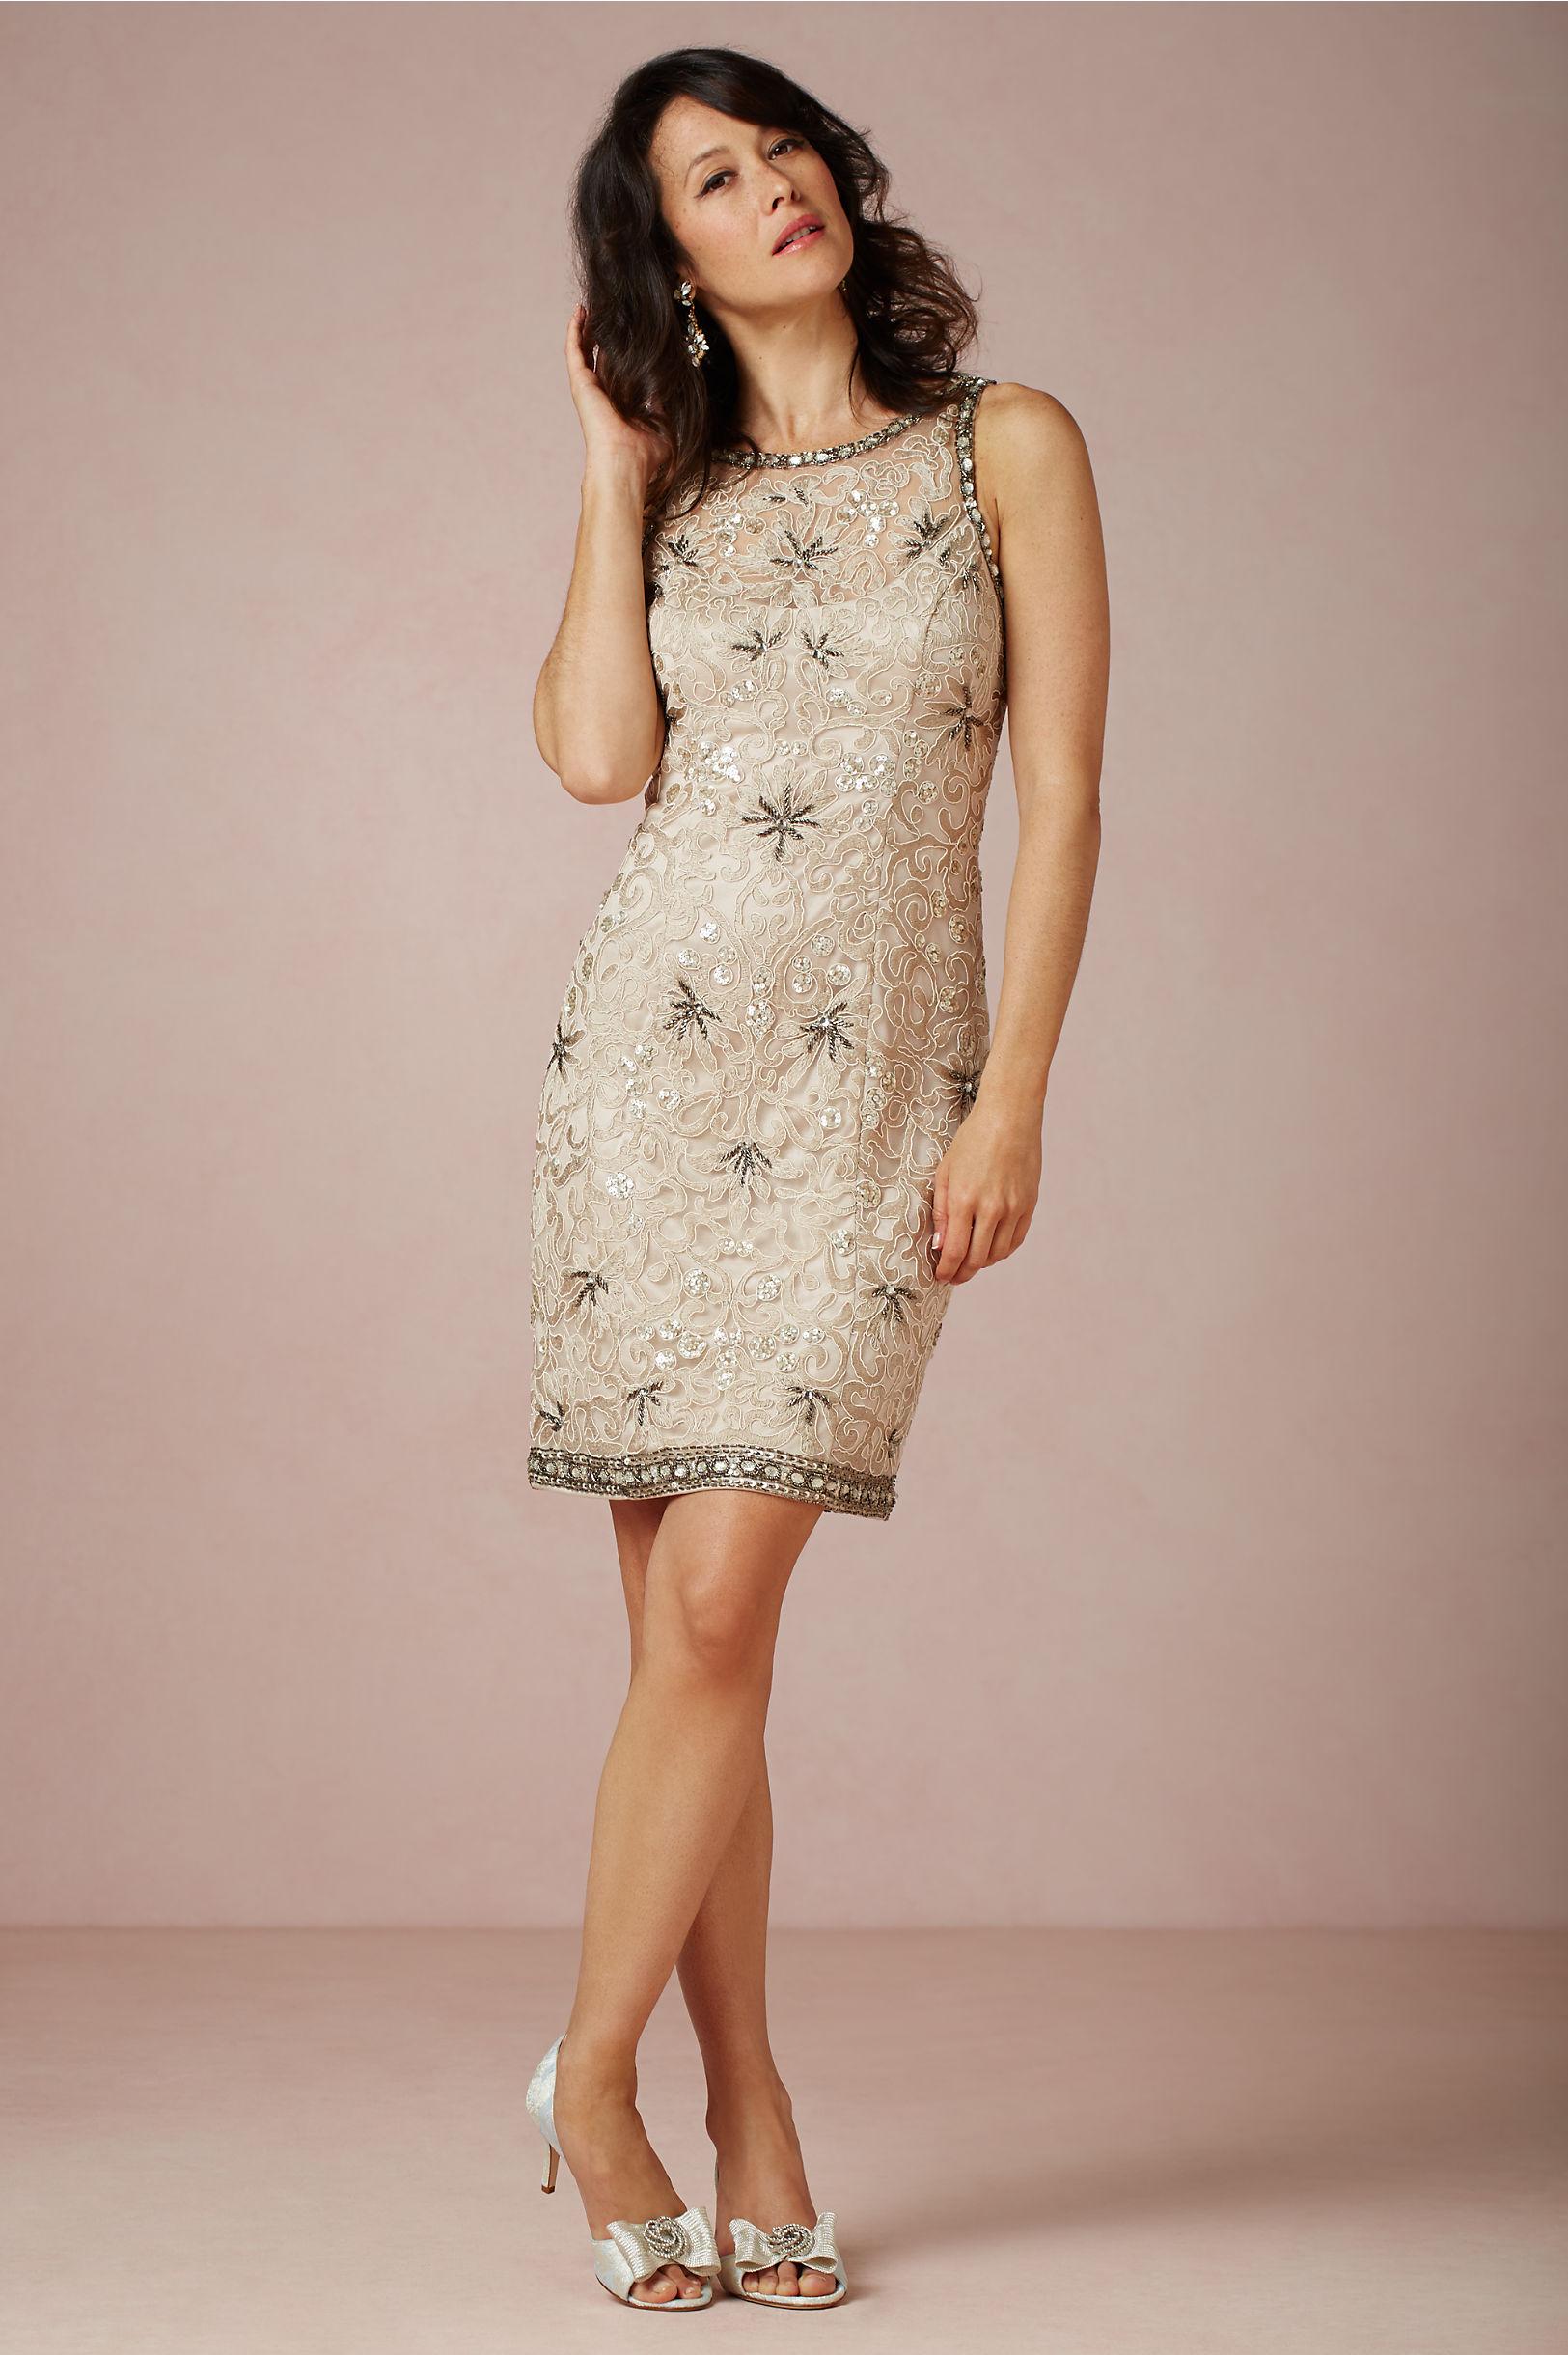 Платье для женщины 40 лет бежевое